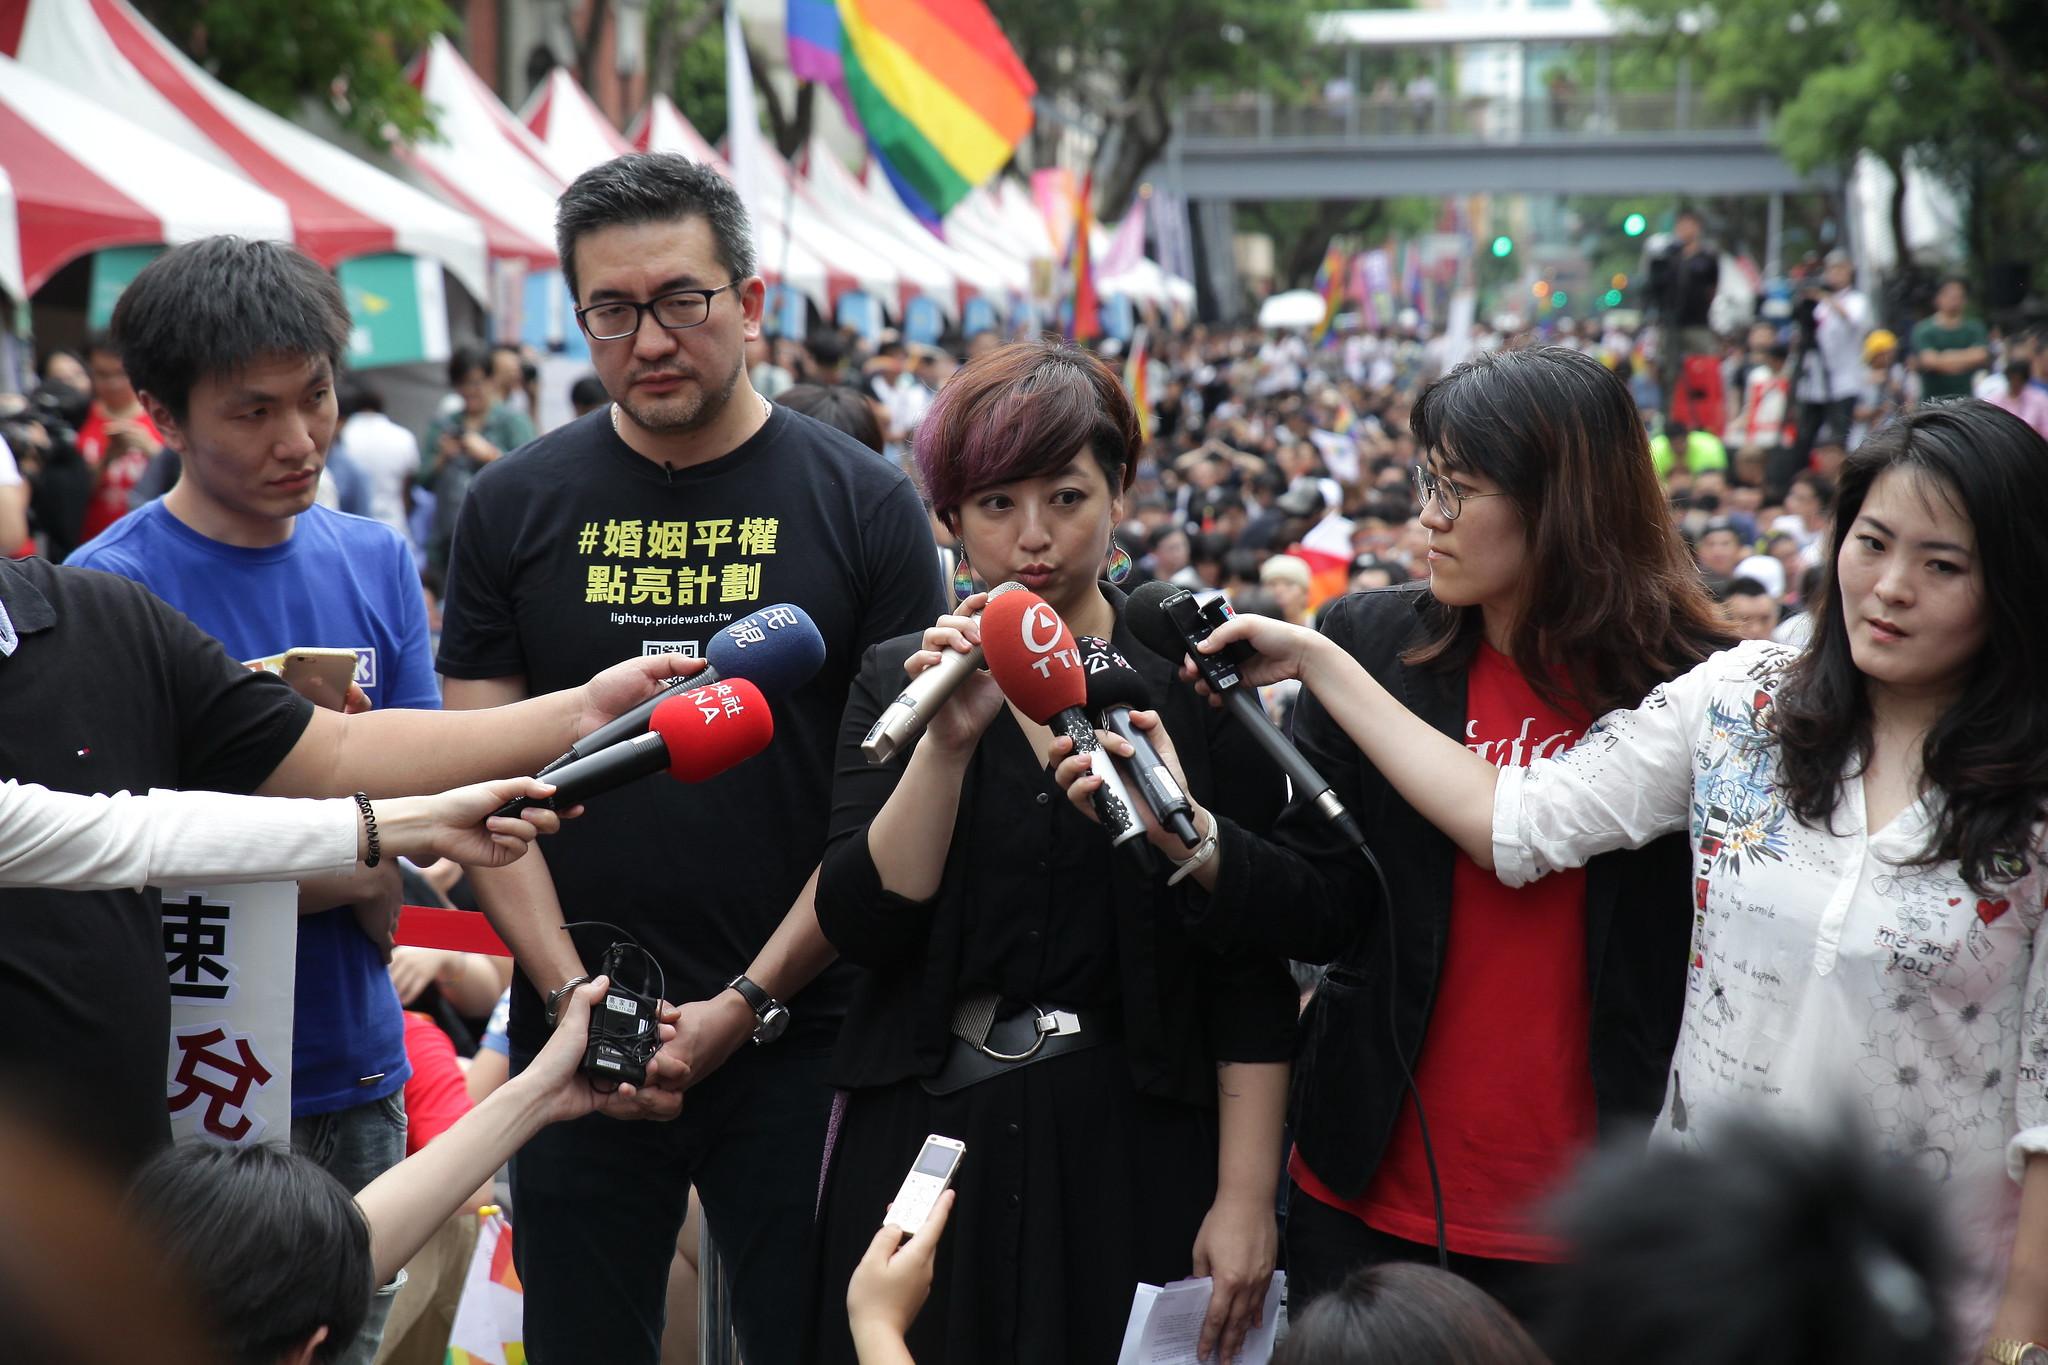 婚姻平權大平台總召呂欣潔接受媒體採訪。(攝影:陳逸婷)